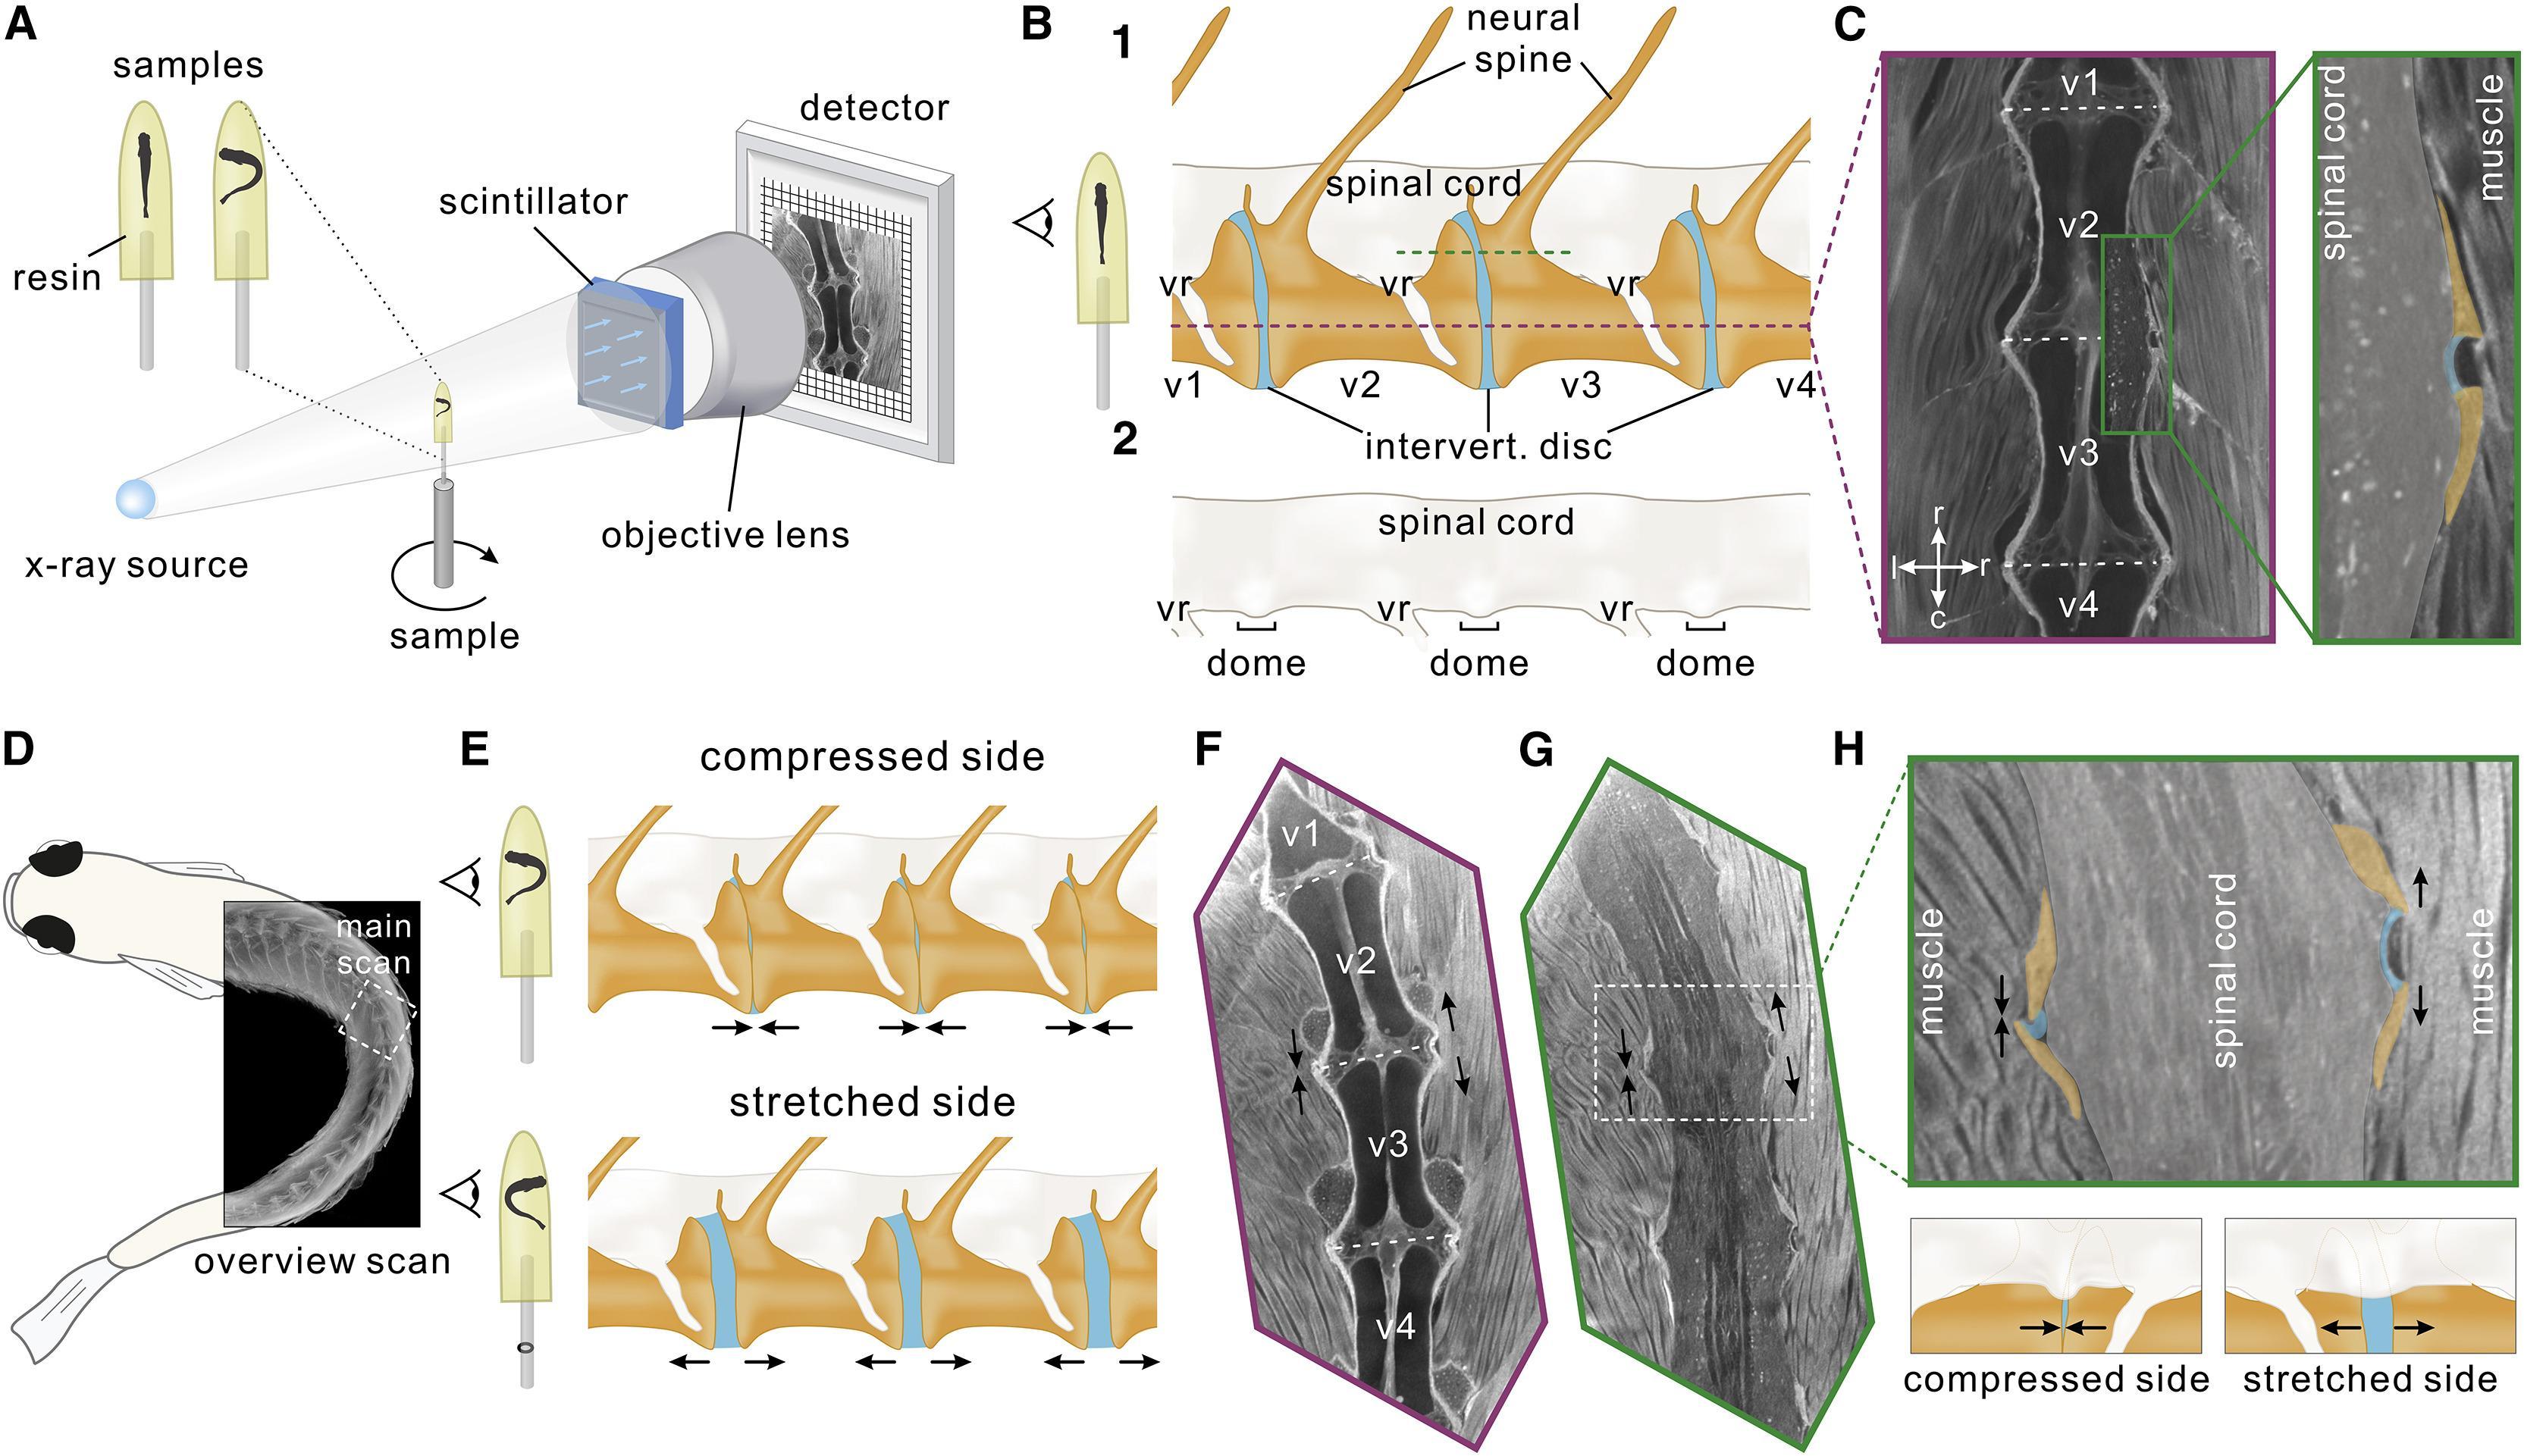 Биологи обнаружили орган проприорецепции в спинном мозге данио-рерио